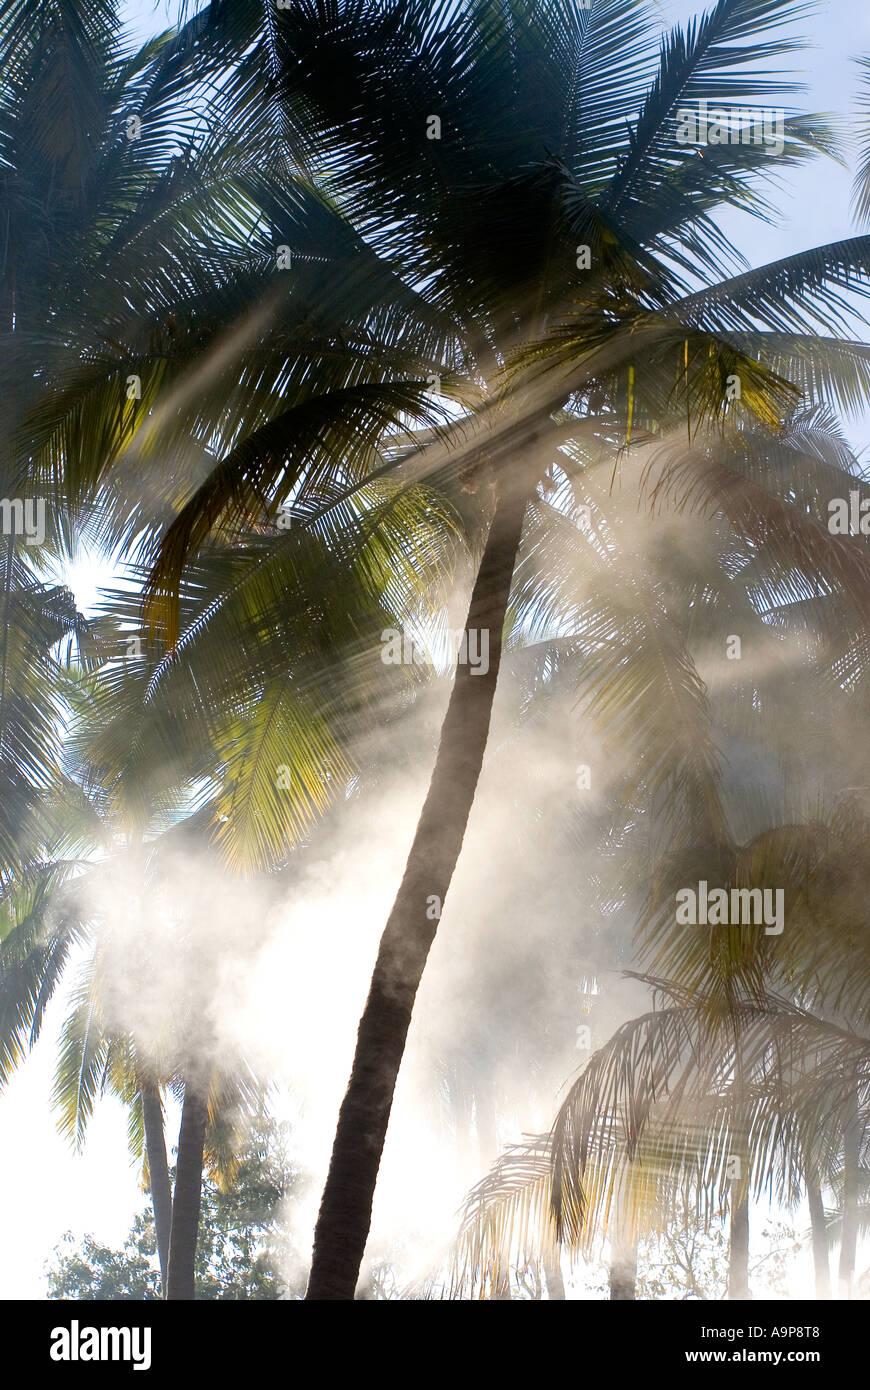 Mattina schegge di luce del sole proveniente attraverso le palme in India meridionale Immagini Stock